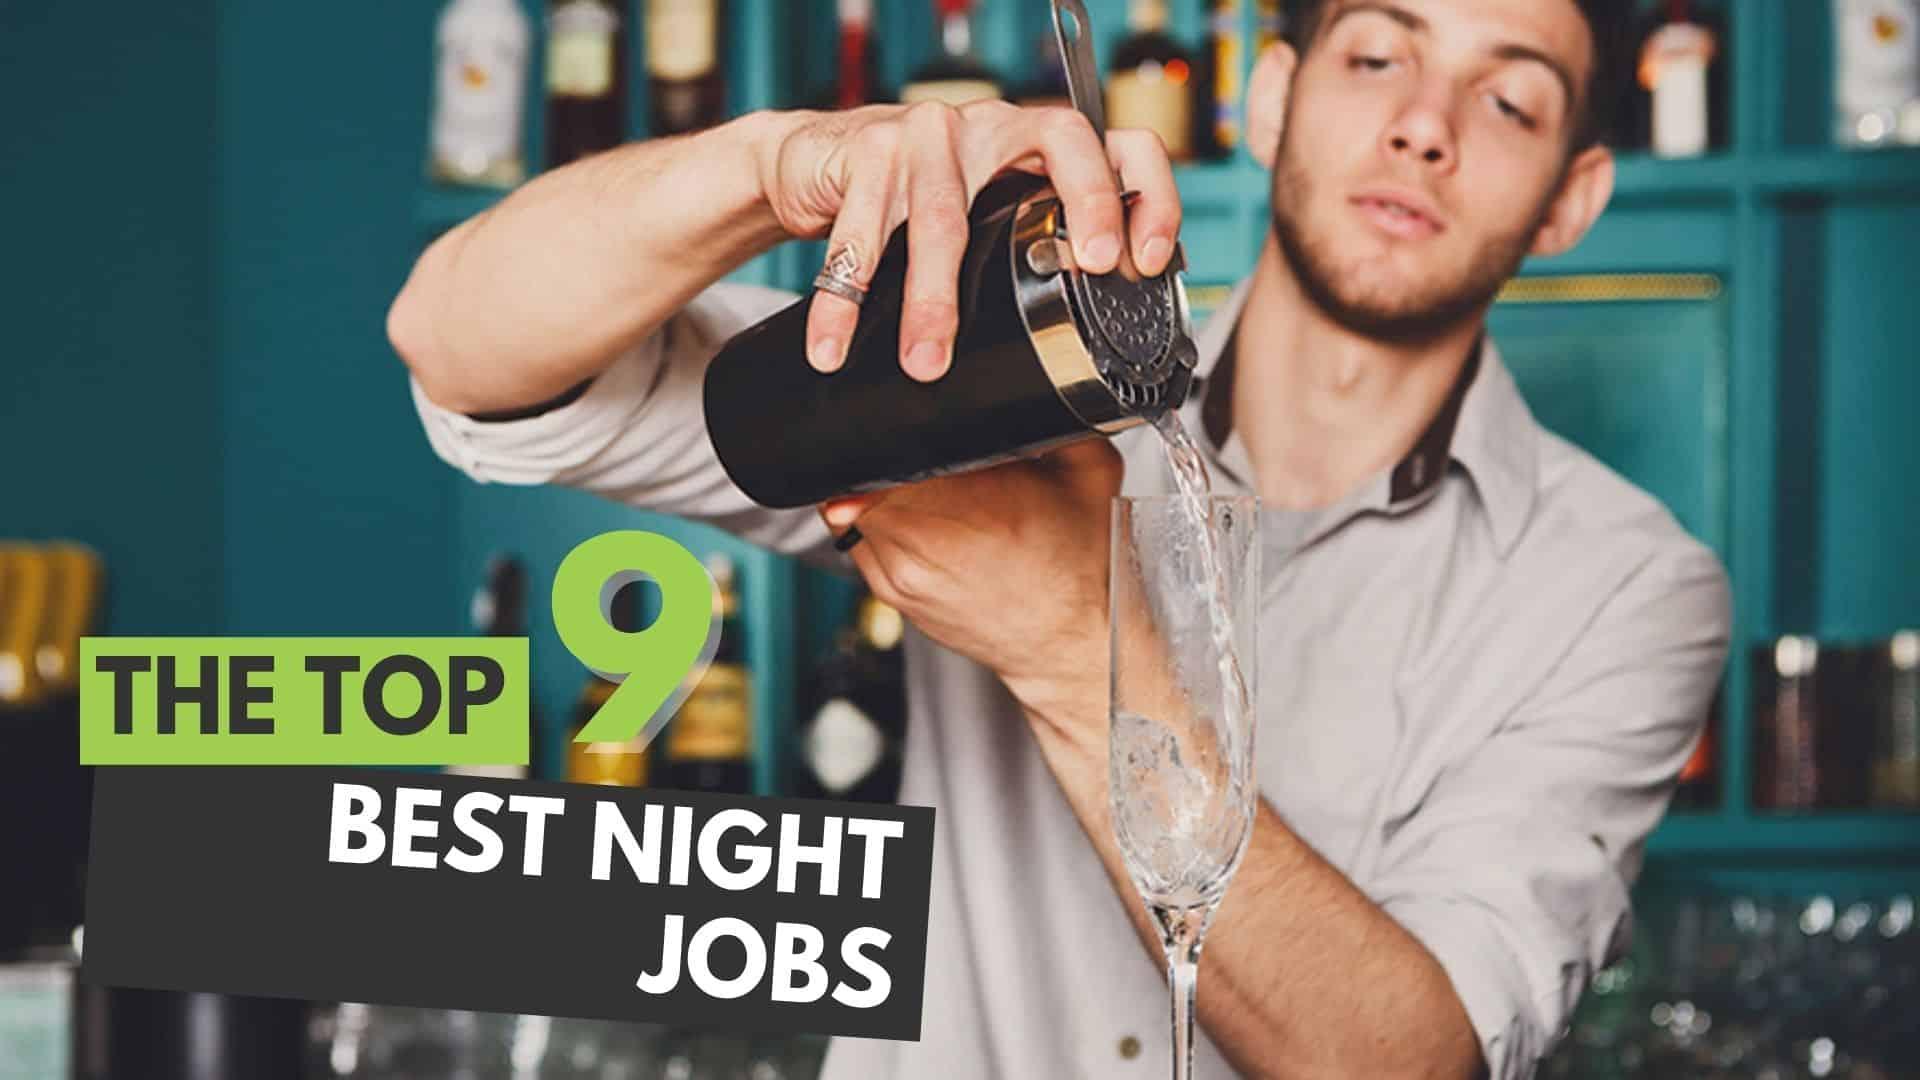 The Top 9 Best Night Jobs